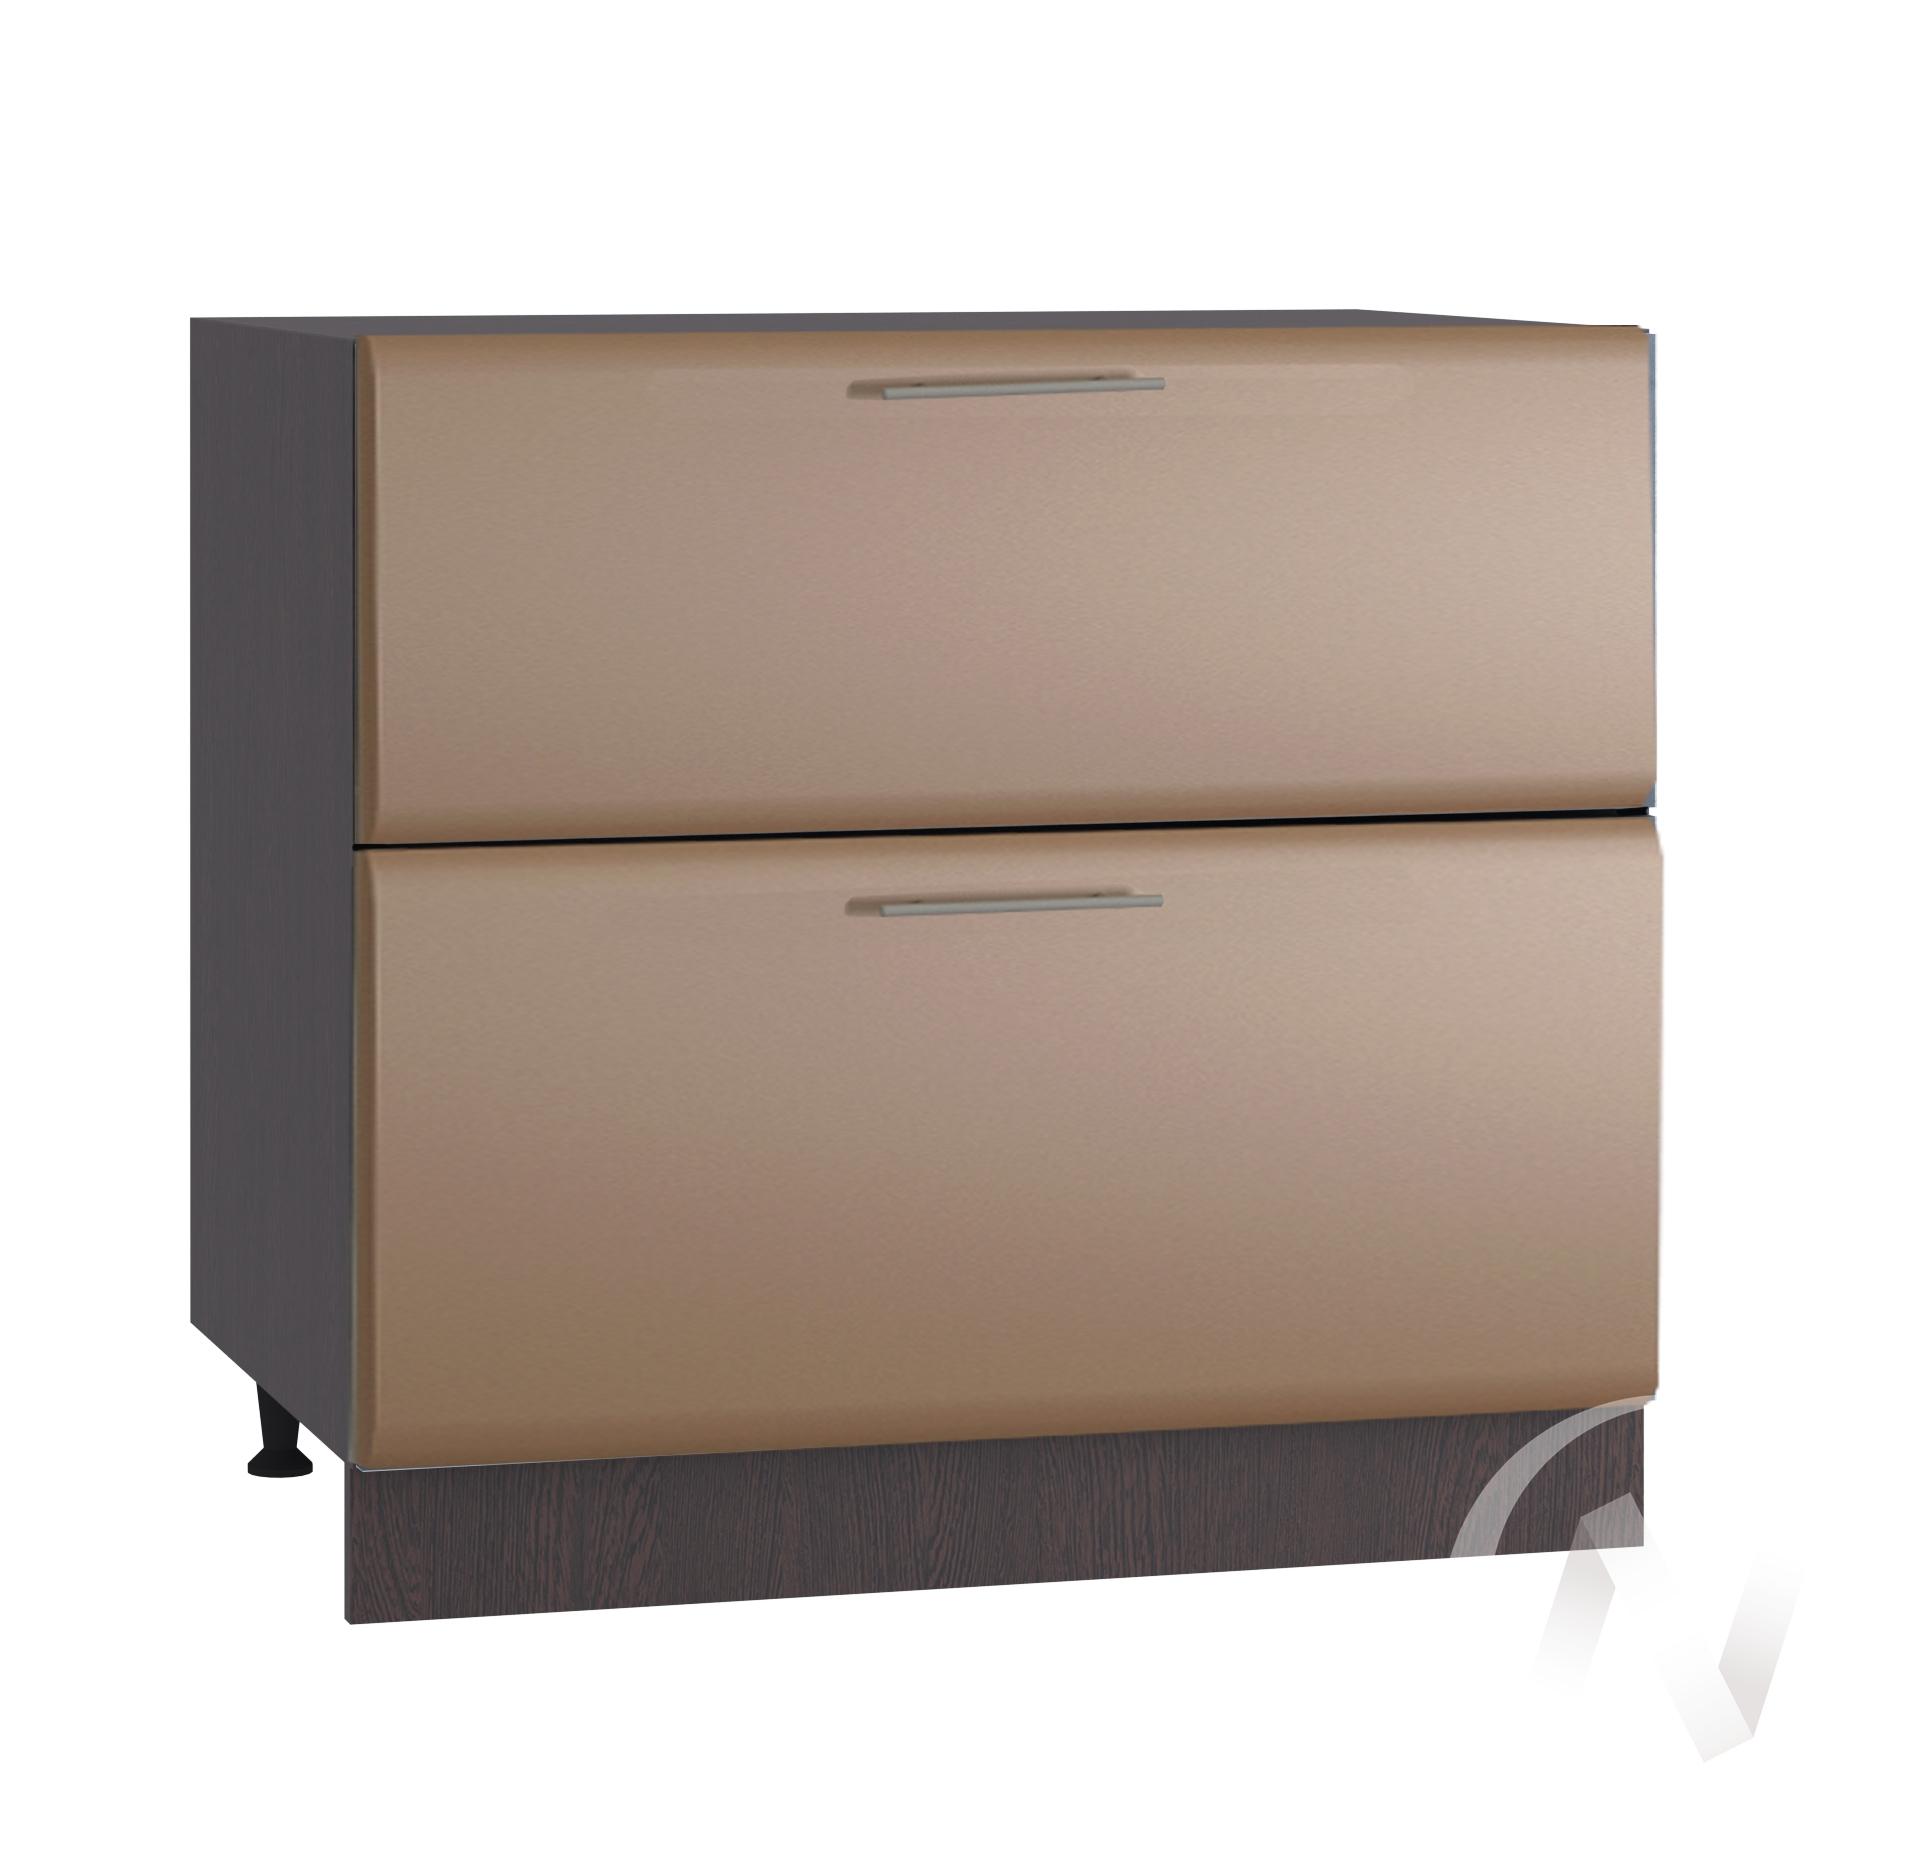 """Кухня """"Люкс"""": Шкаф нижний с 2-мя ящиками 800, ШН2Я 800 (Шоколад матовый/корпус венге)"""